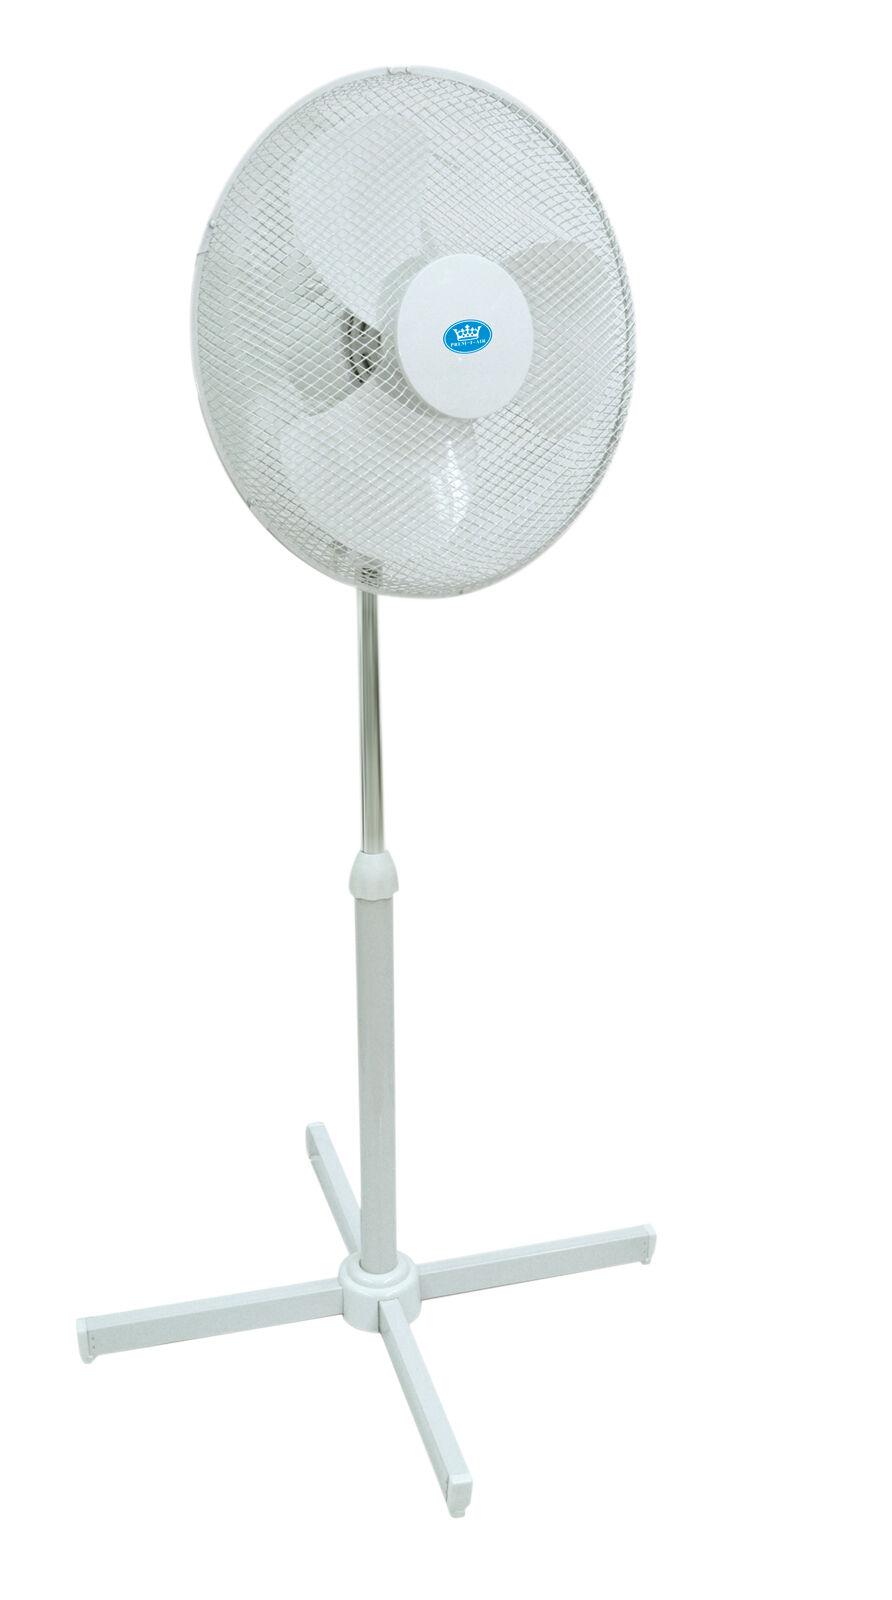 Prem-i-air 16 Pulgadas Velocidades 40cm Oscilante 3 Velocidades Pulgadas Home Office de pie ventilador de 39af9d